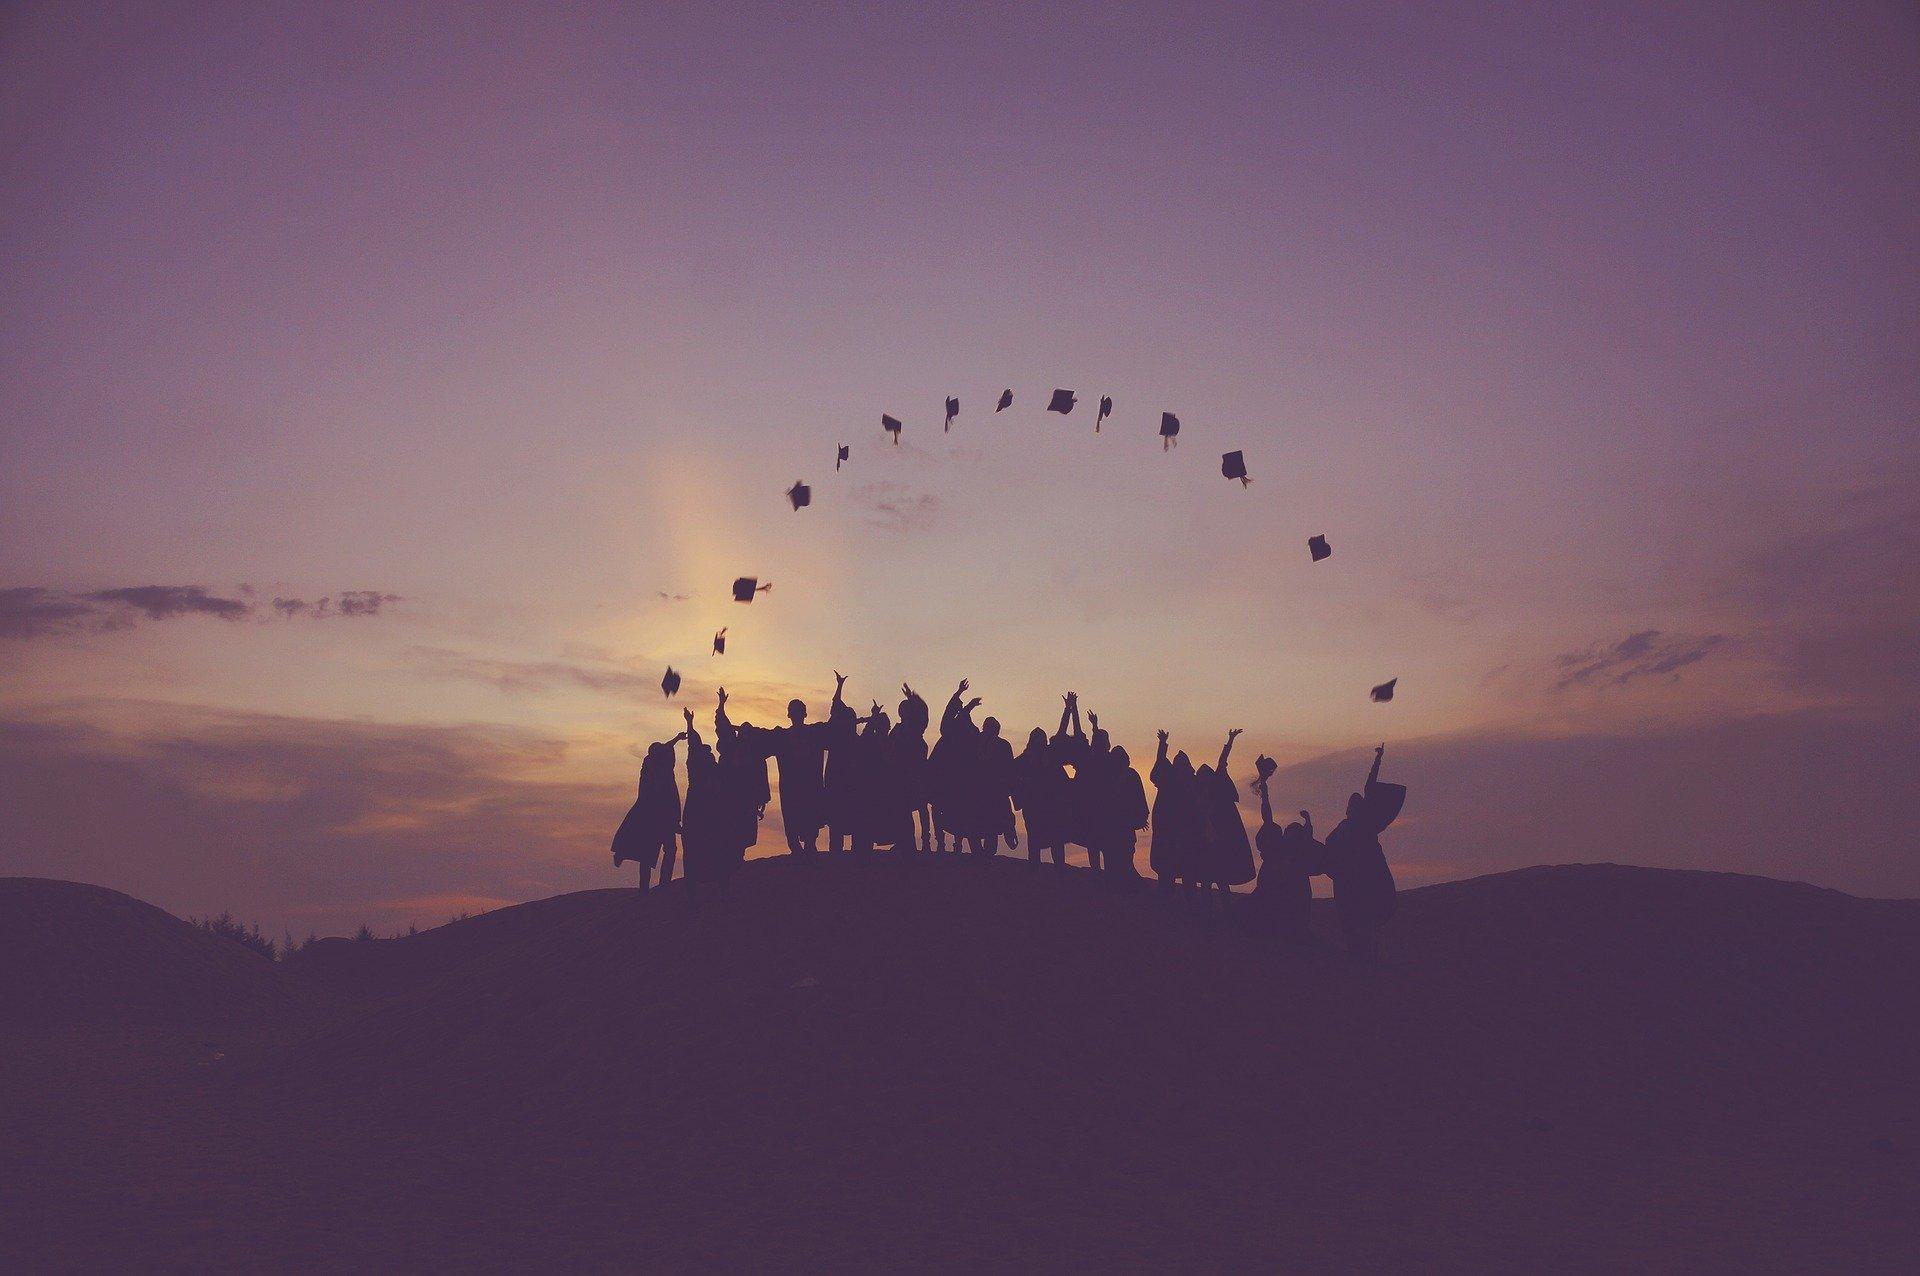 graduates tossing hats at dusk